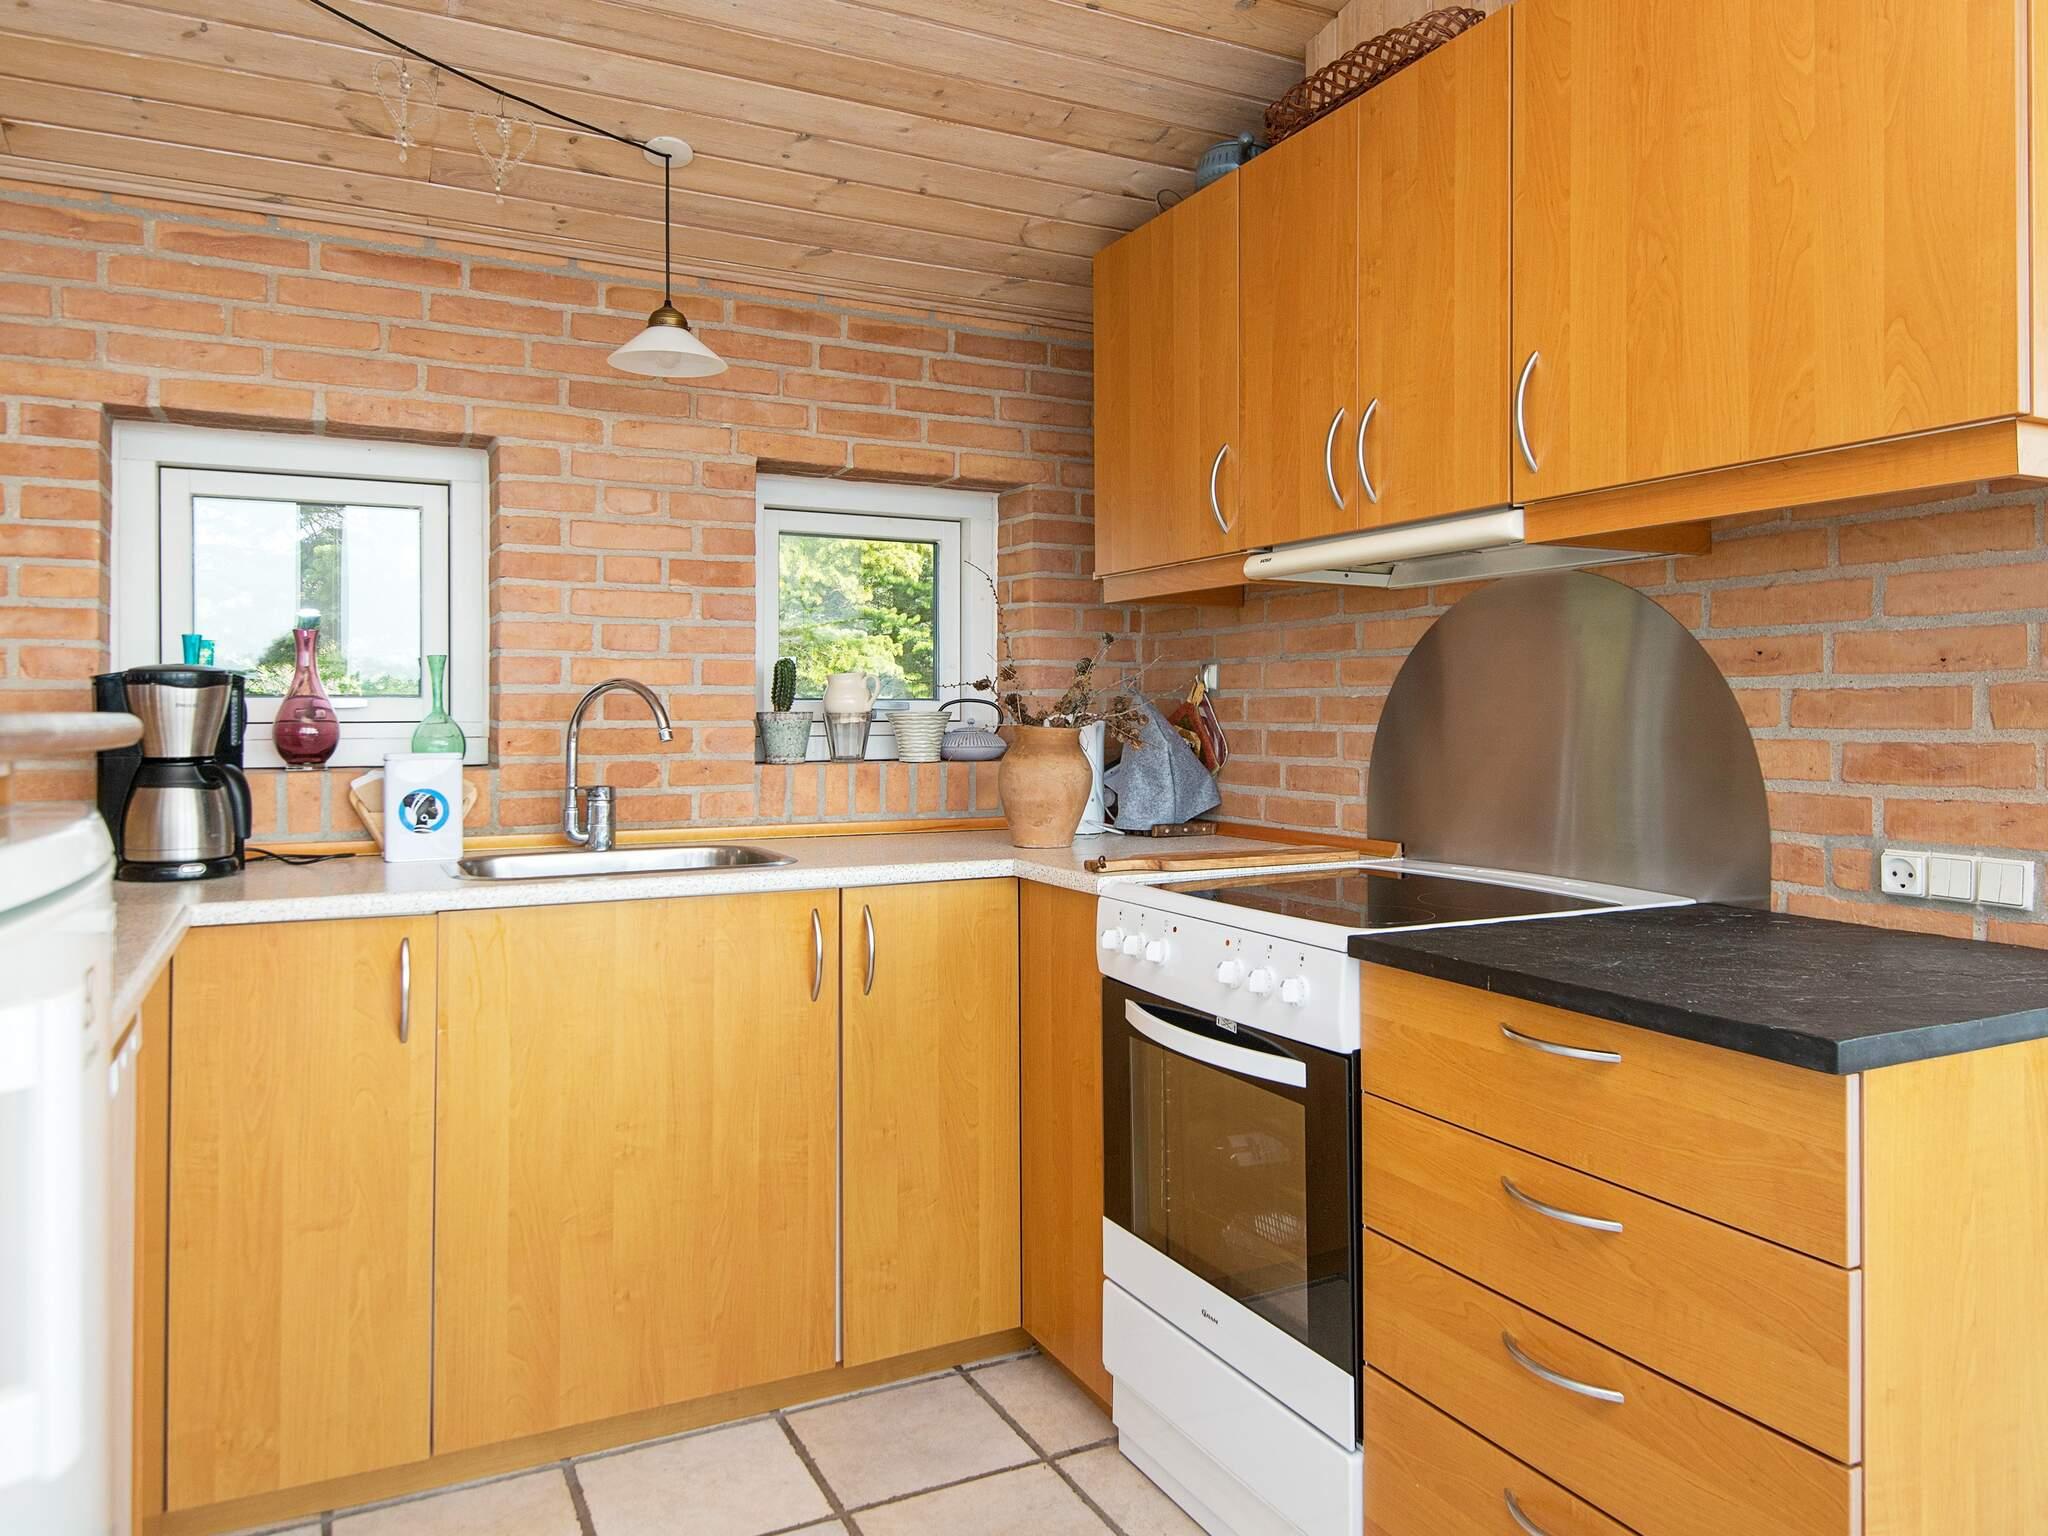 Ferienhaus Helgenæs (2523736), Knebel, , Dänische Ostsee, Dänemark, Bild 6